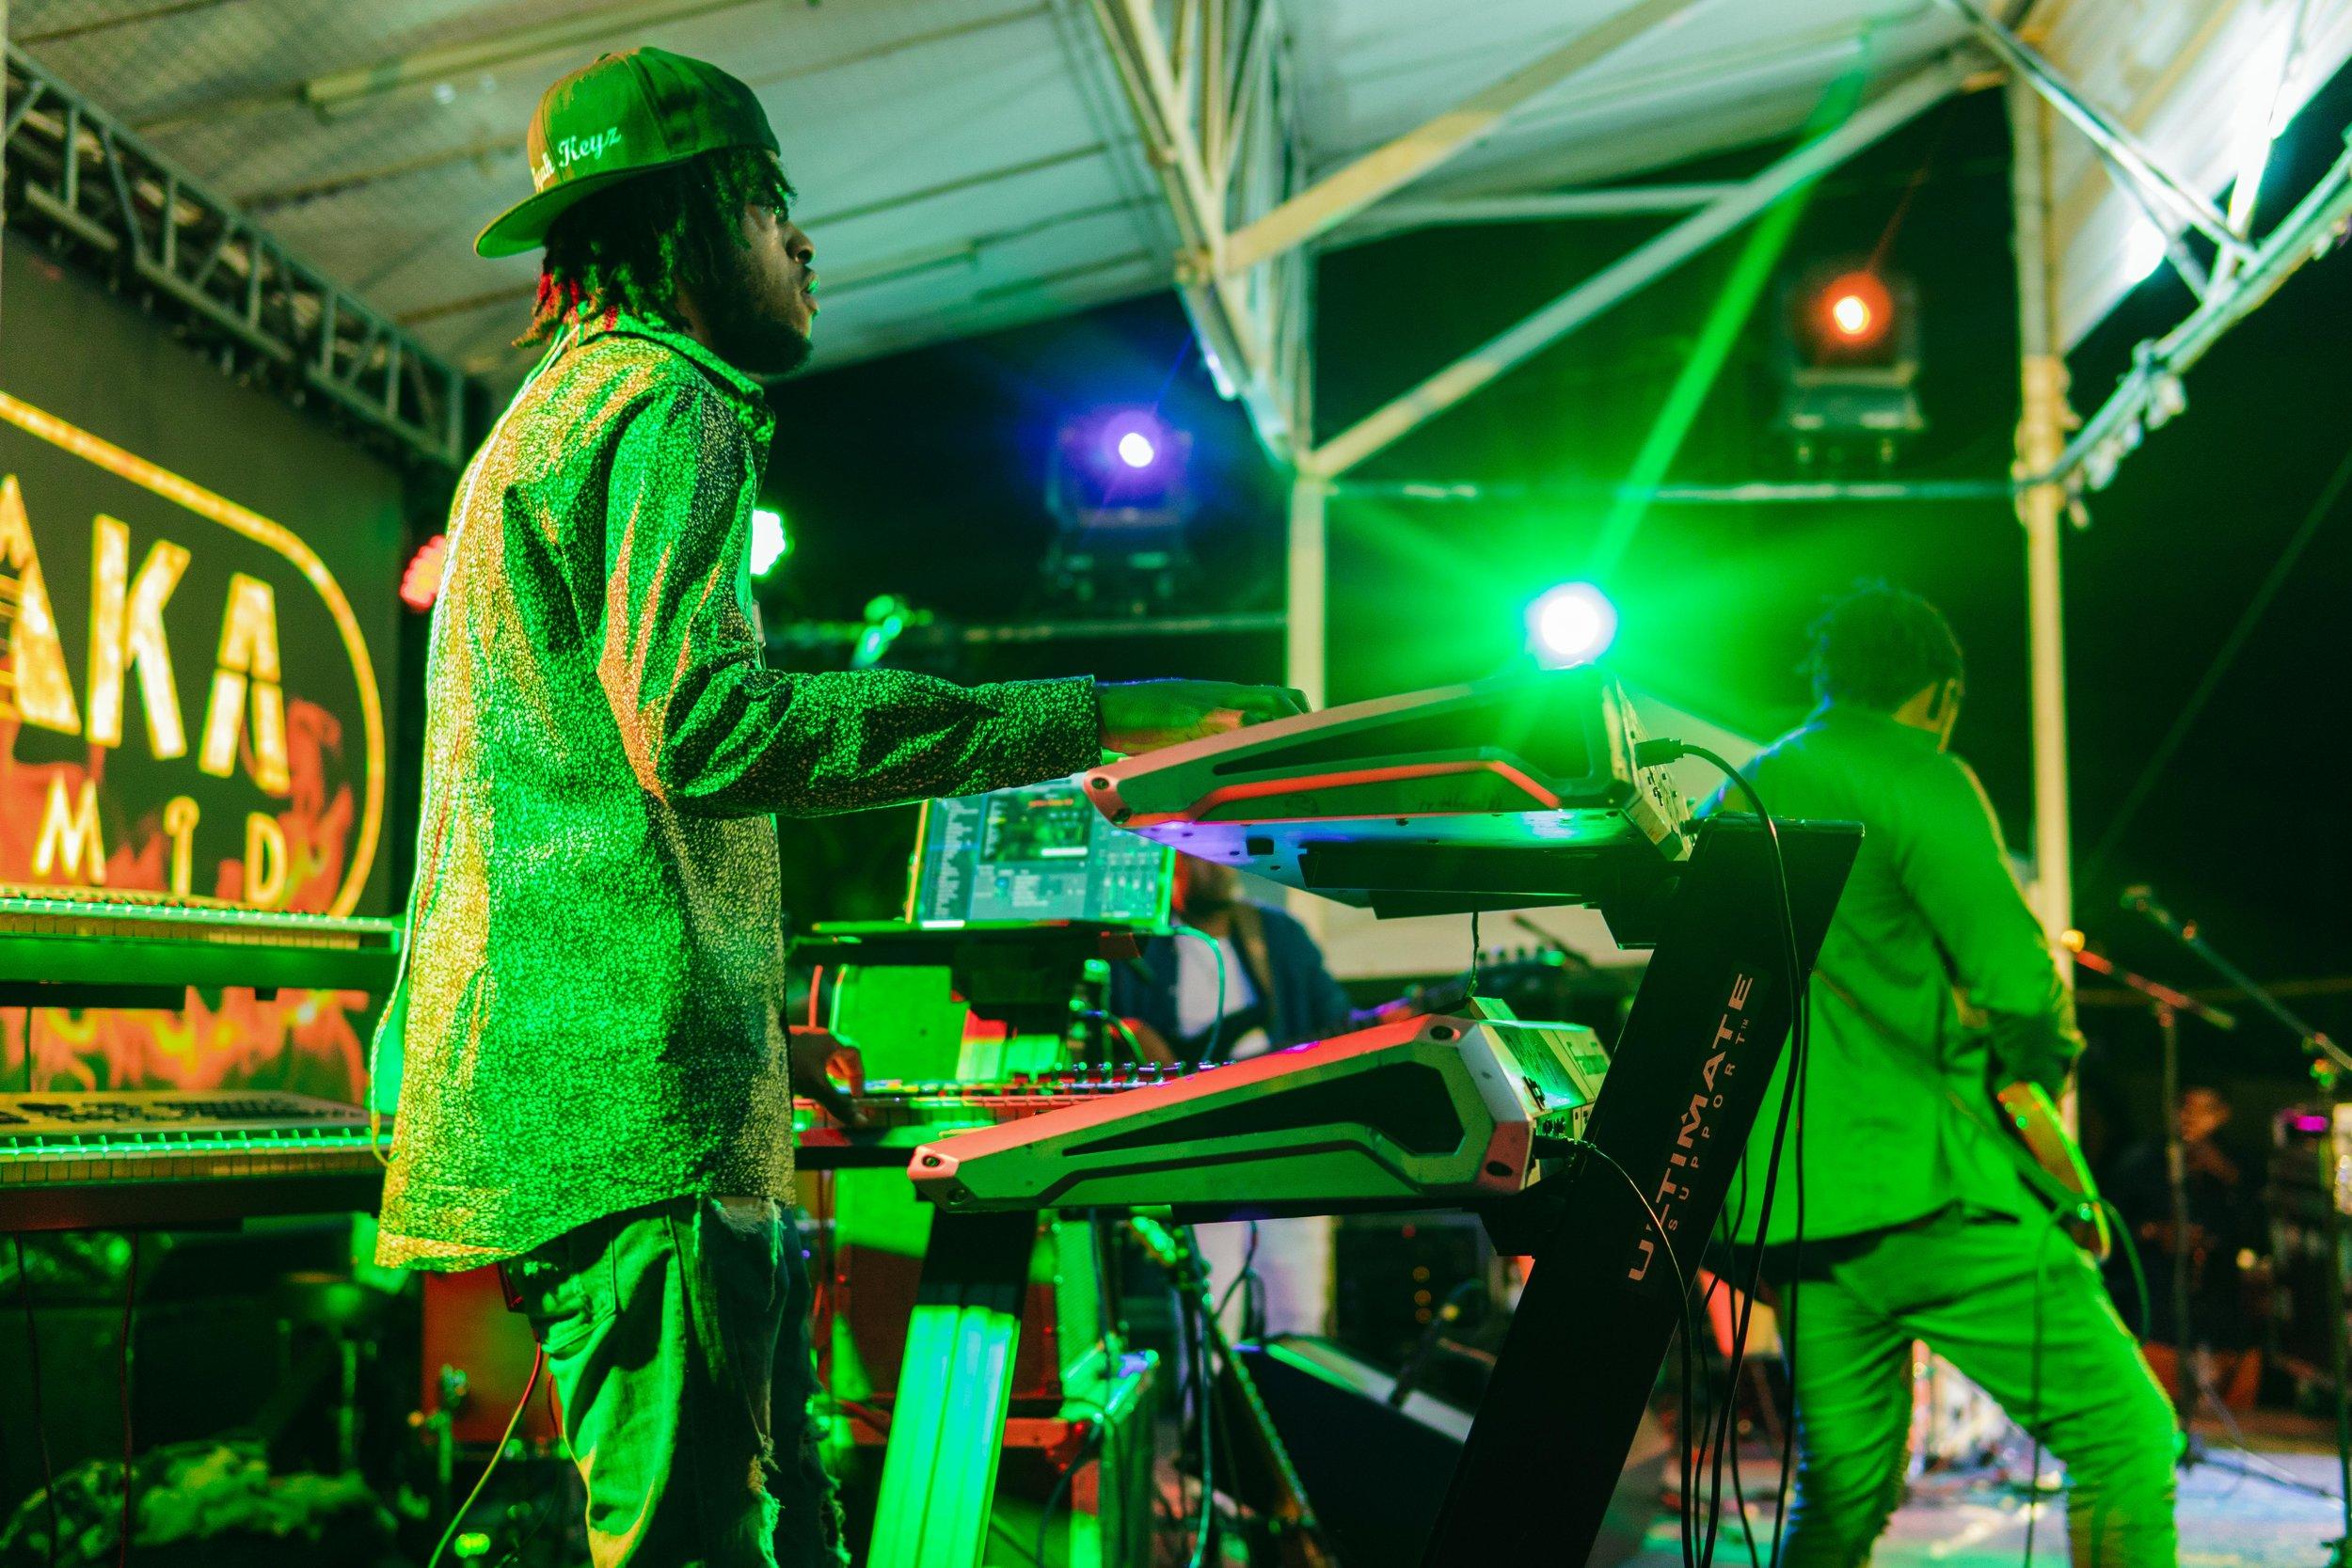 Kabaka pyramid live 2018-07981.jpg